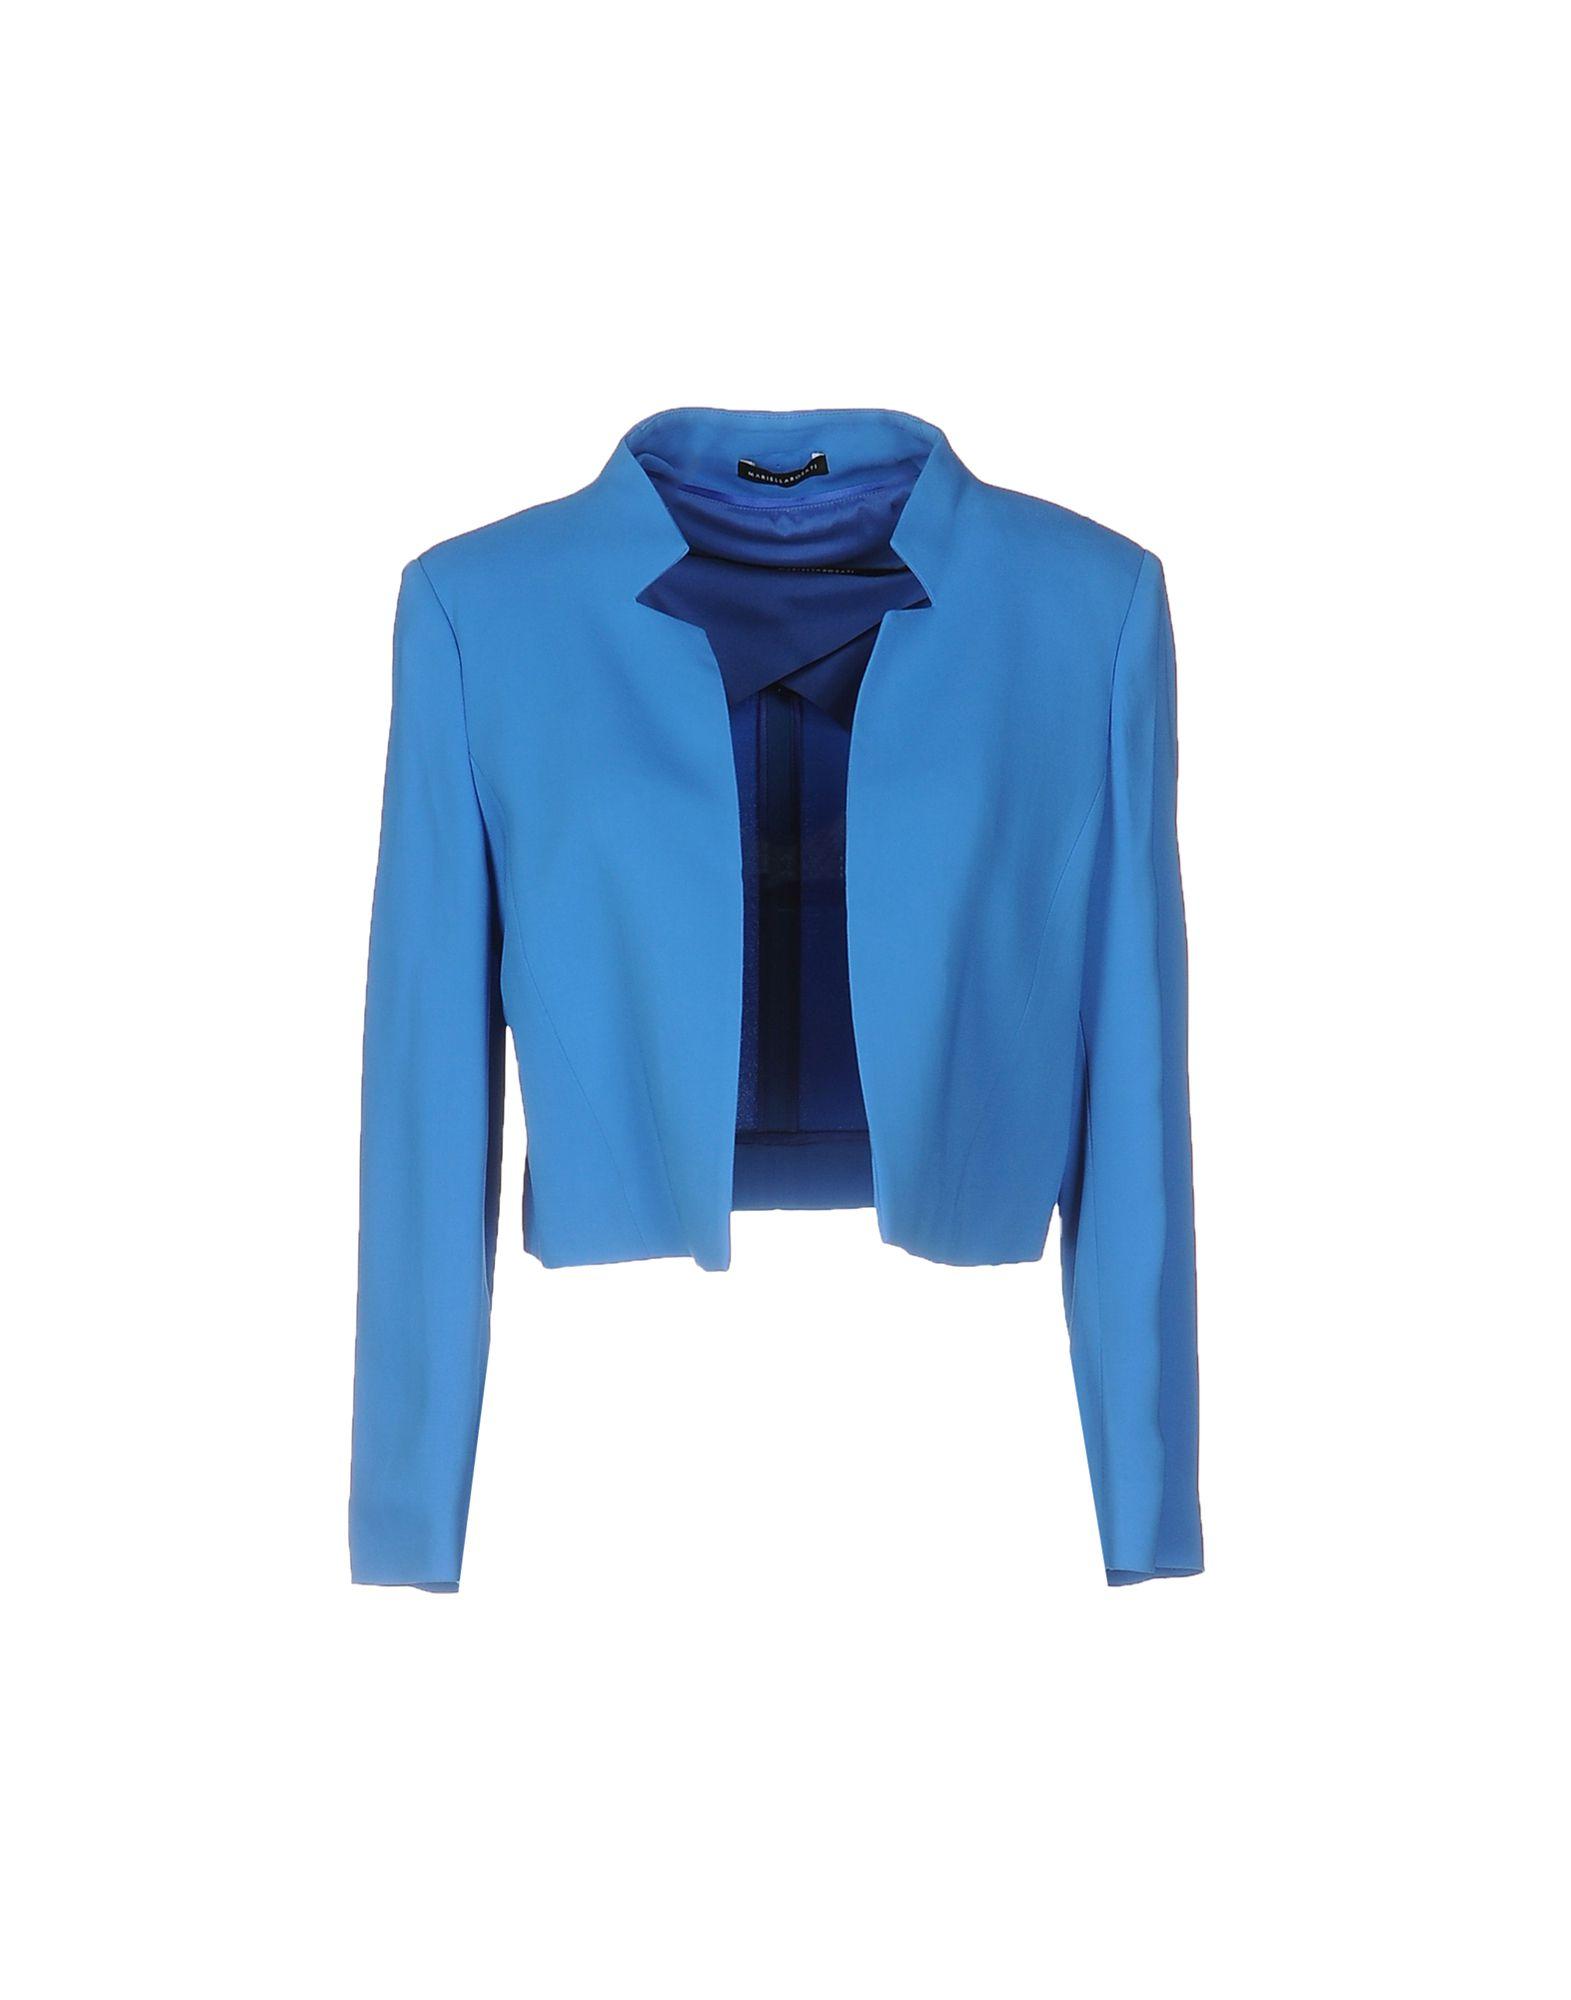 MARIELLA ROSATI Damen Jackett Farbe Blaugrau Größe 5